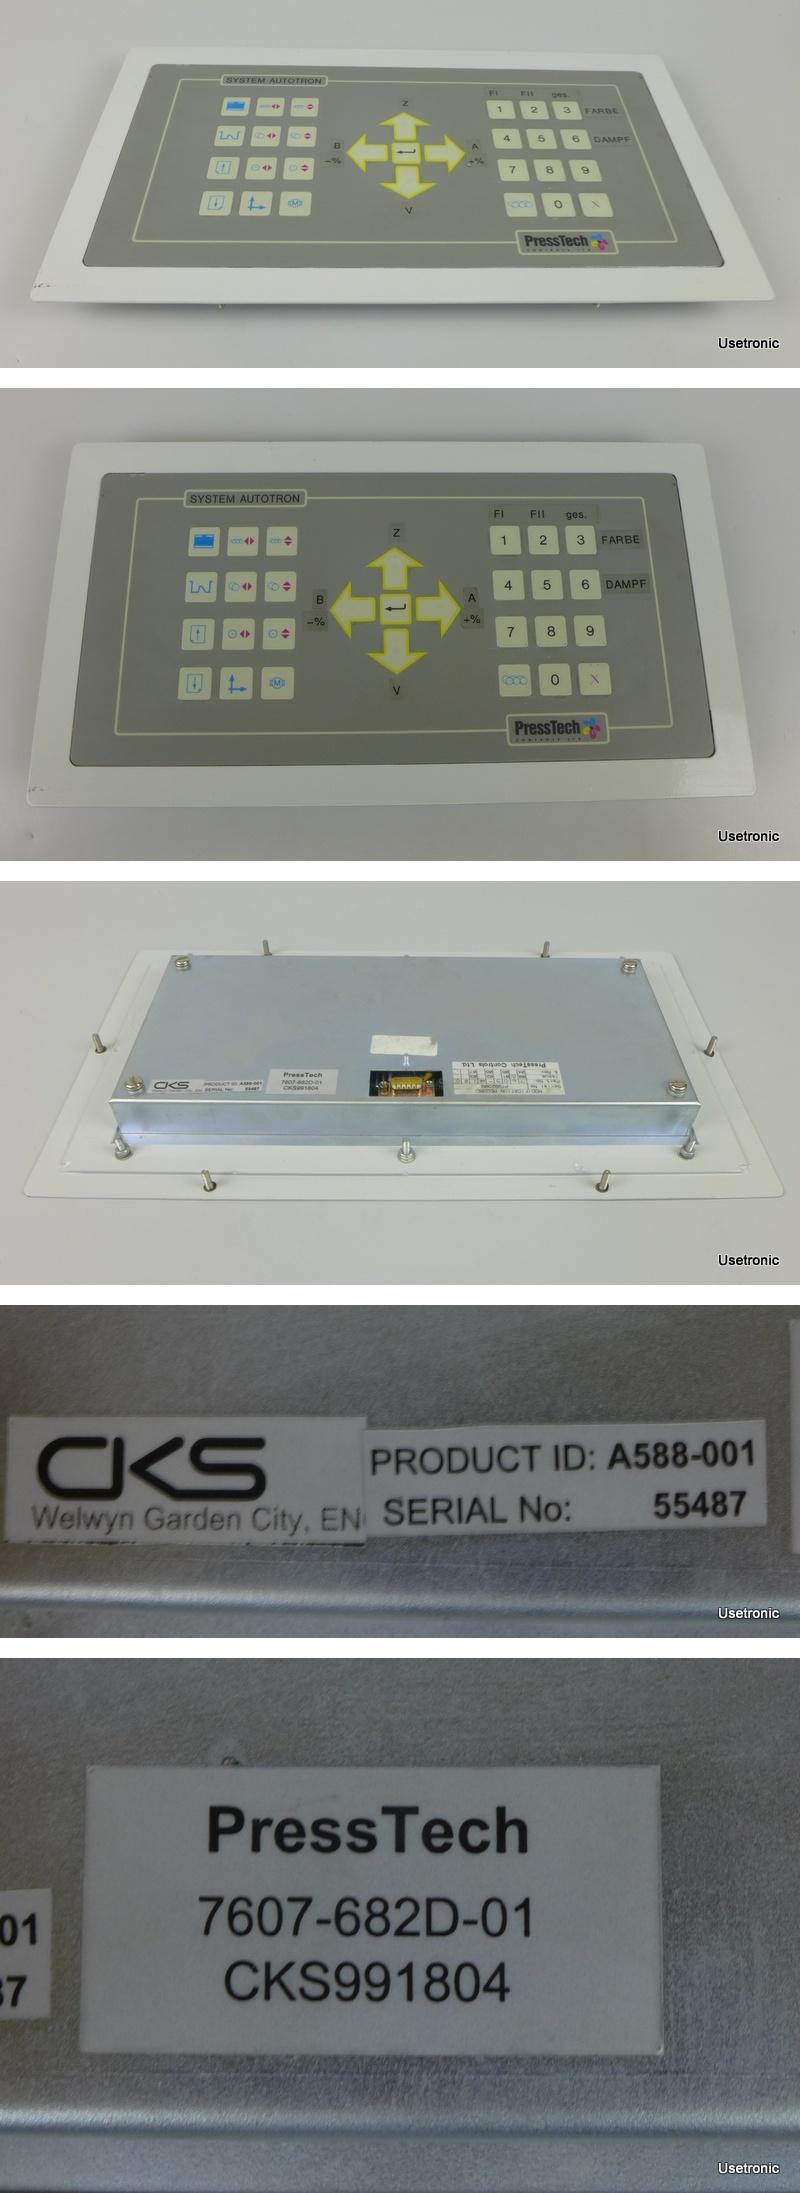 Presstech 7607-682D-01 CKS991804 A588-001